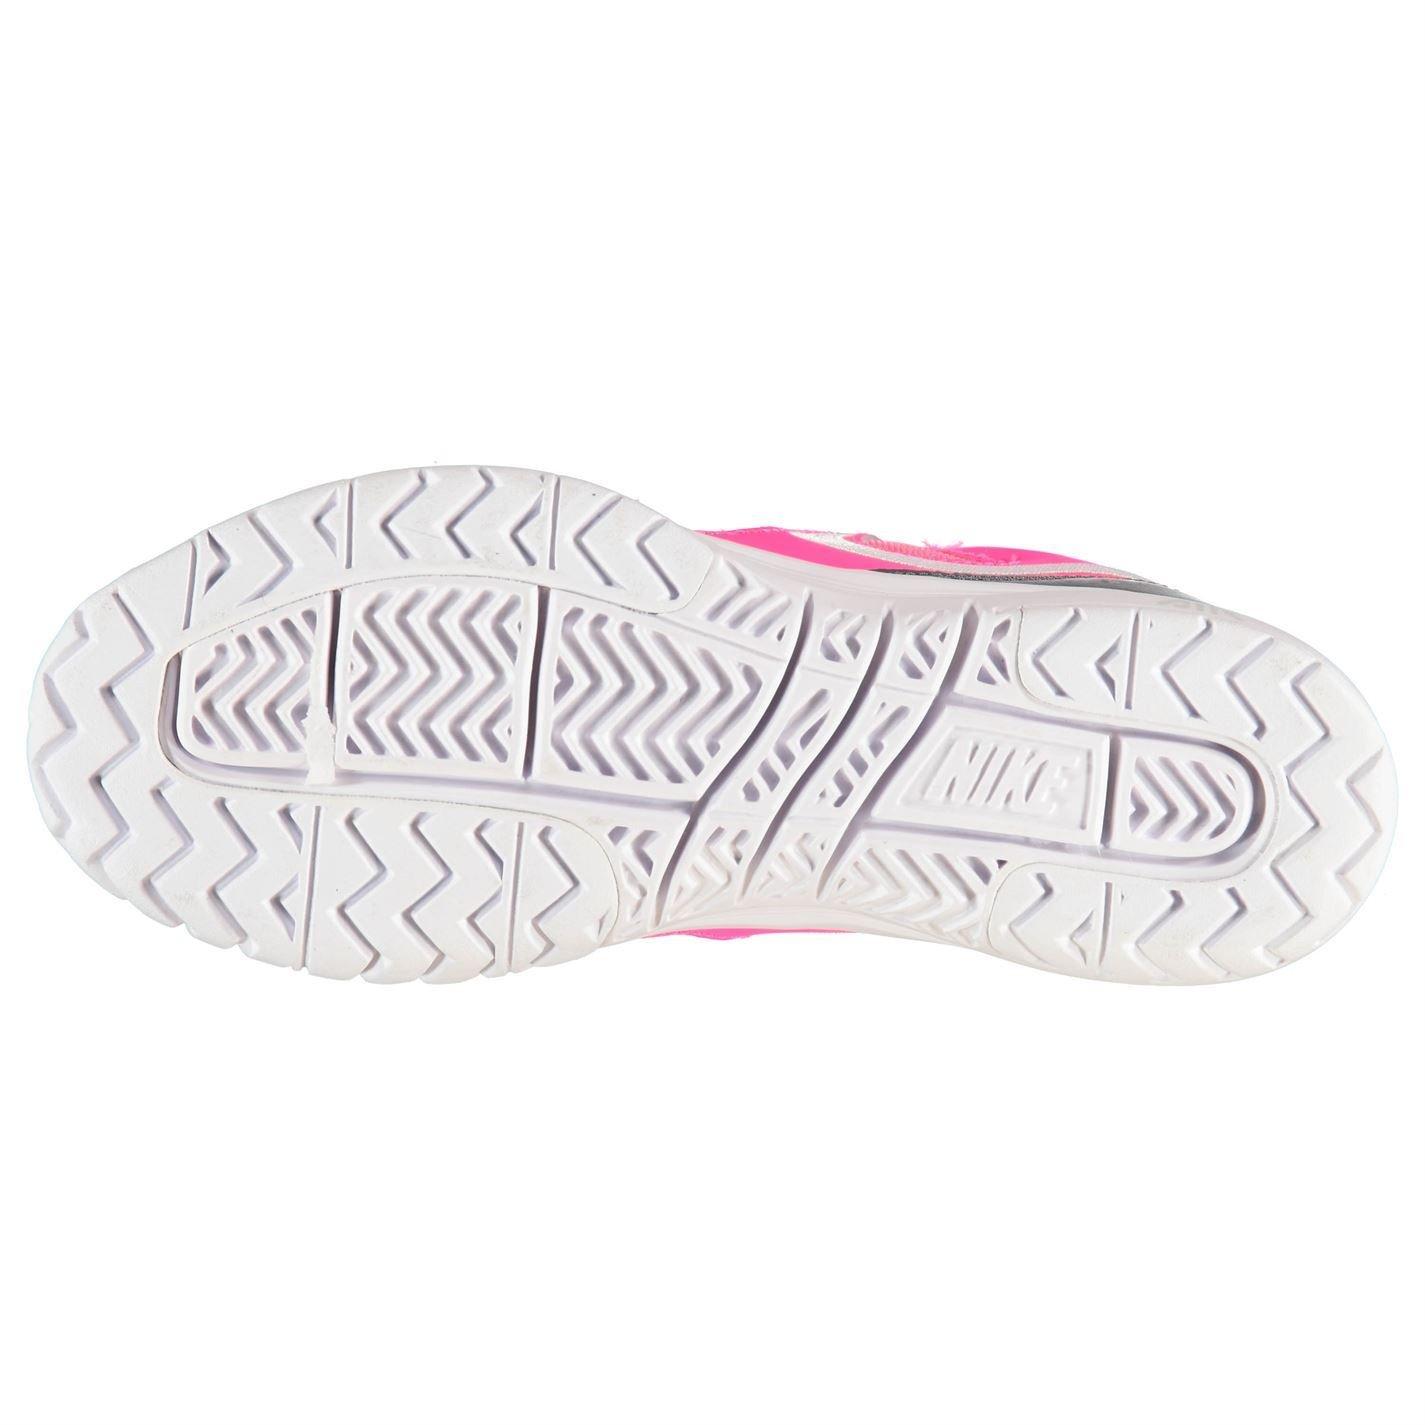 NIKE Air Dampf Ace Tennis Court Sneaker Schuhe Damen pink